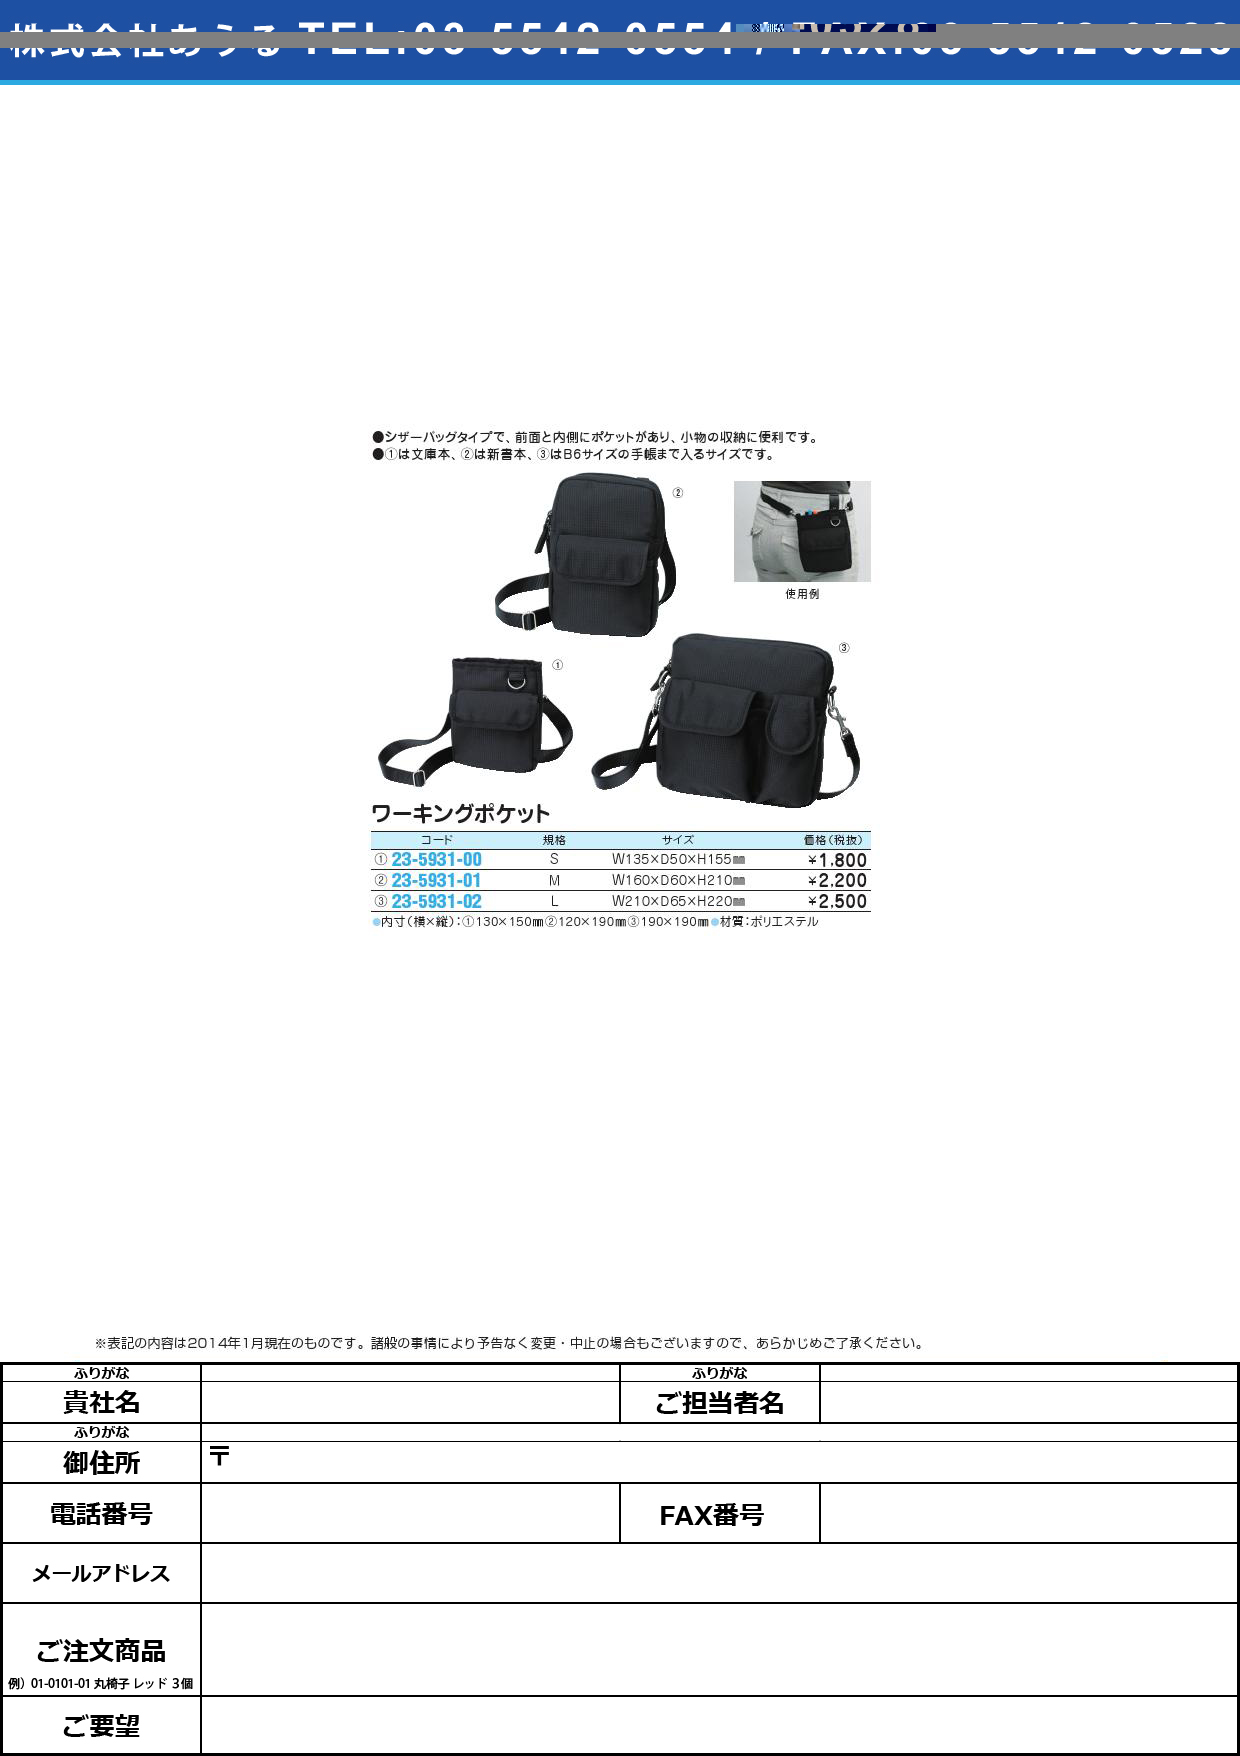 ワーキングポケット(L) ワーキングポケット(L) UNN-17#49【1個単位】(23-5931-02)